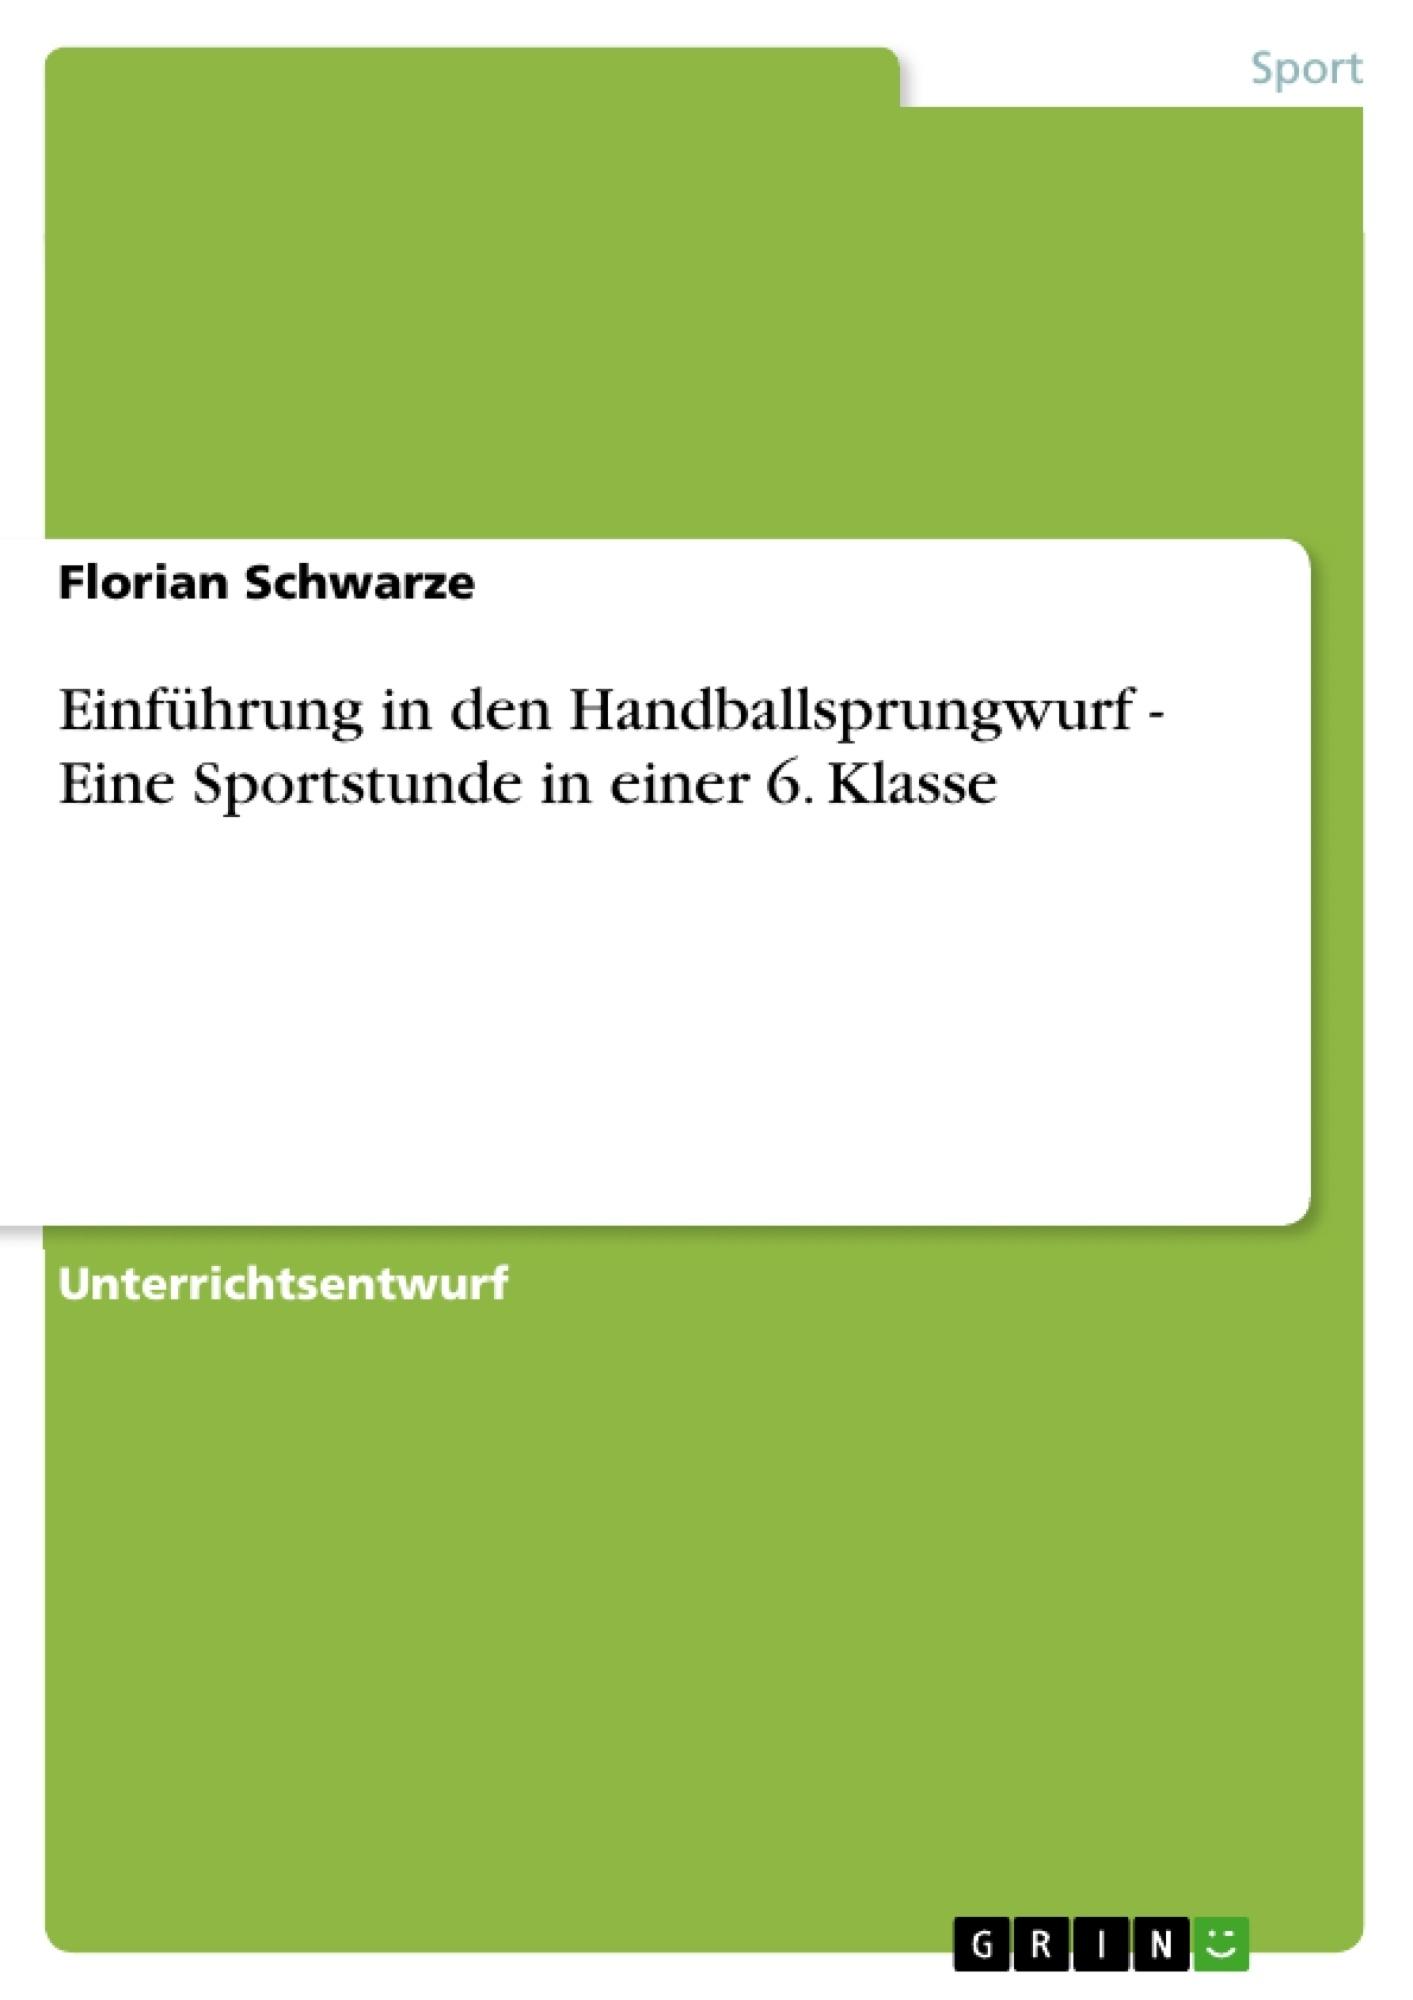 Titel: Einführung in den Handballsprungwurf - Eine Sportstunde in einer 6. Klasse